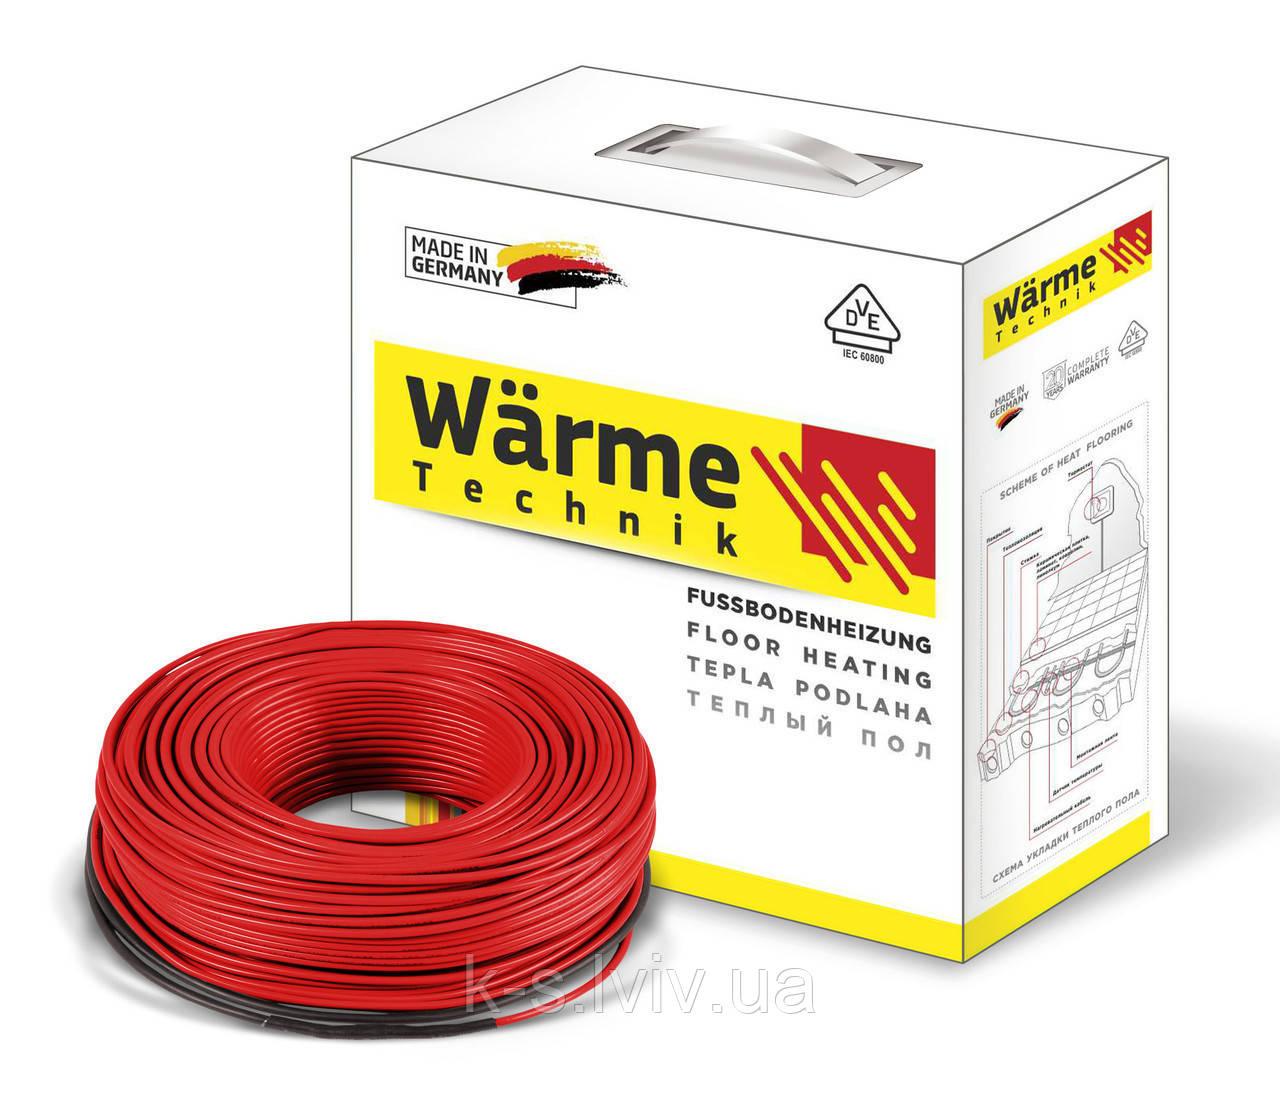 Двожильний нагрівальний тонкій кабель Варм (Wärme) Twin flex cable  - 1050/ 5,6-7,0м²